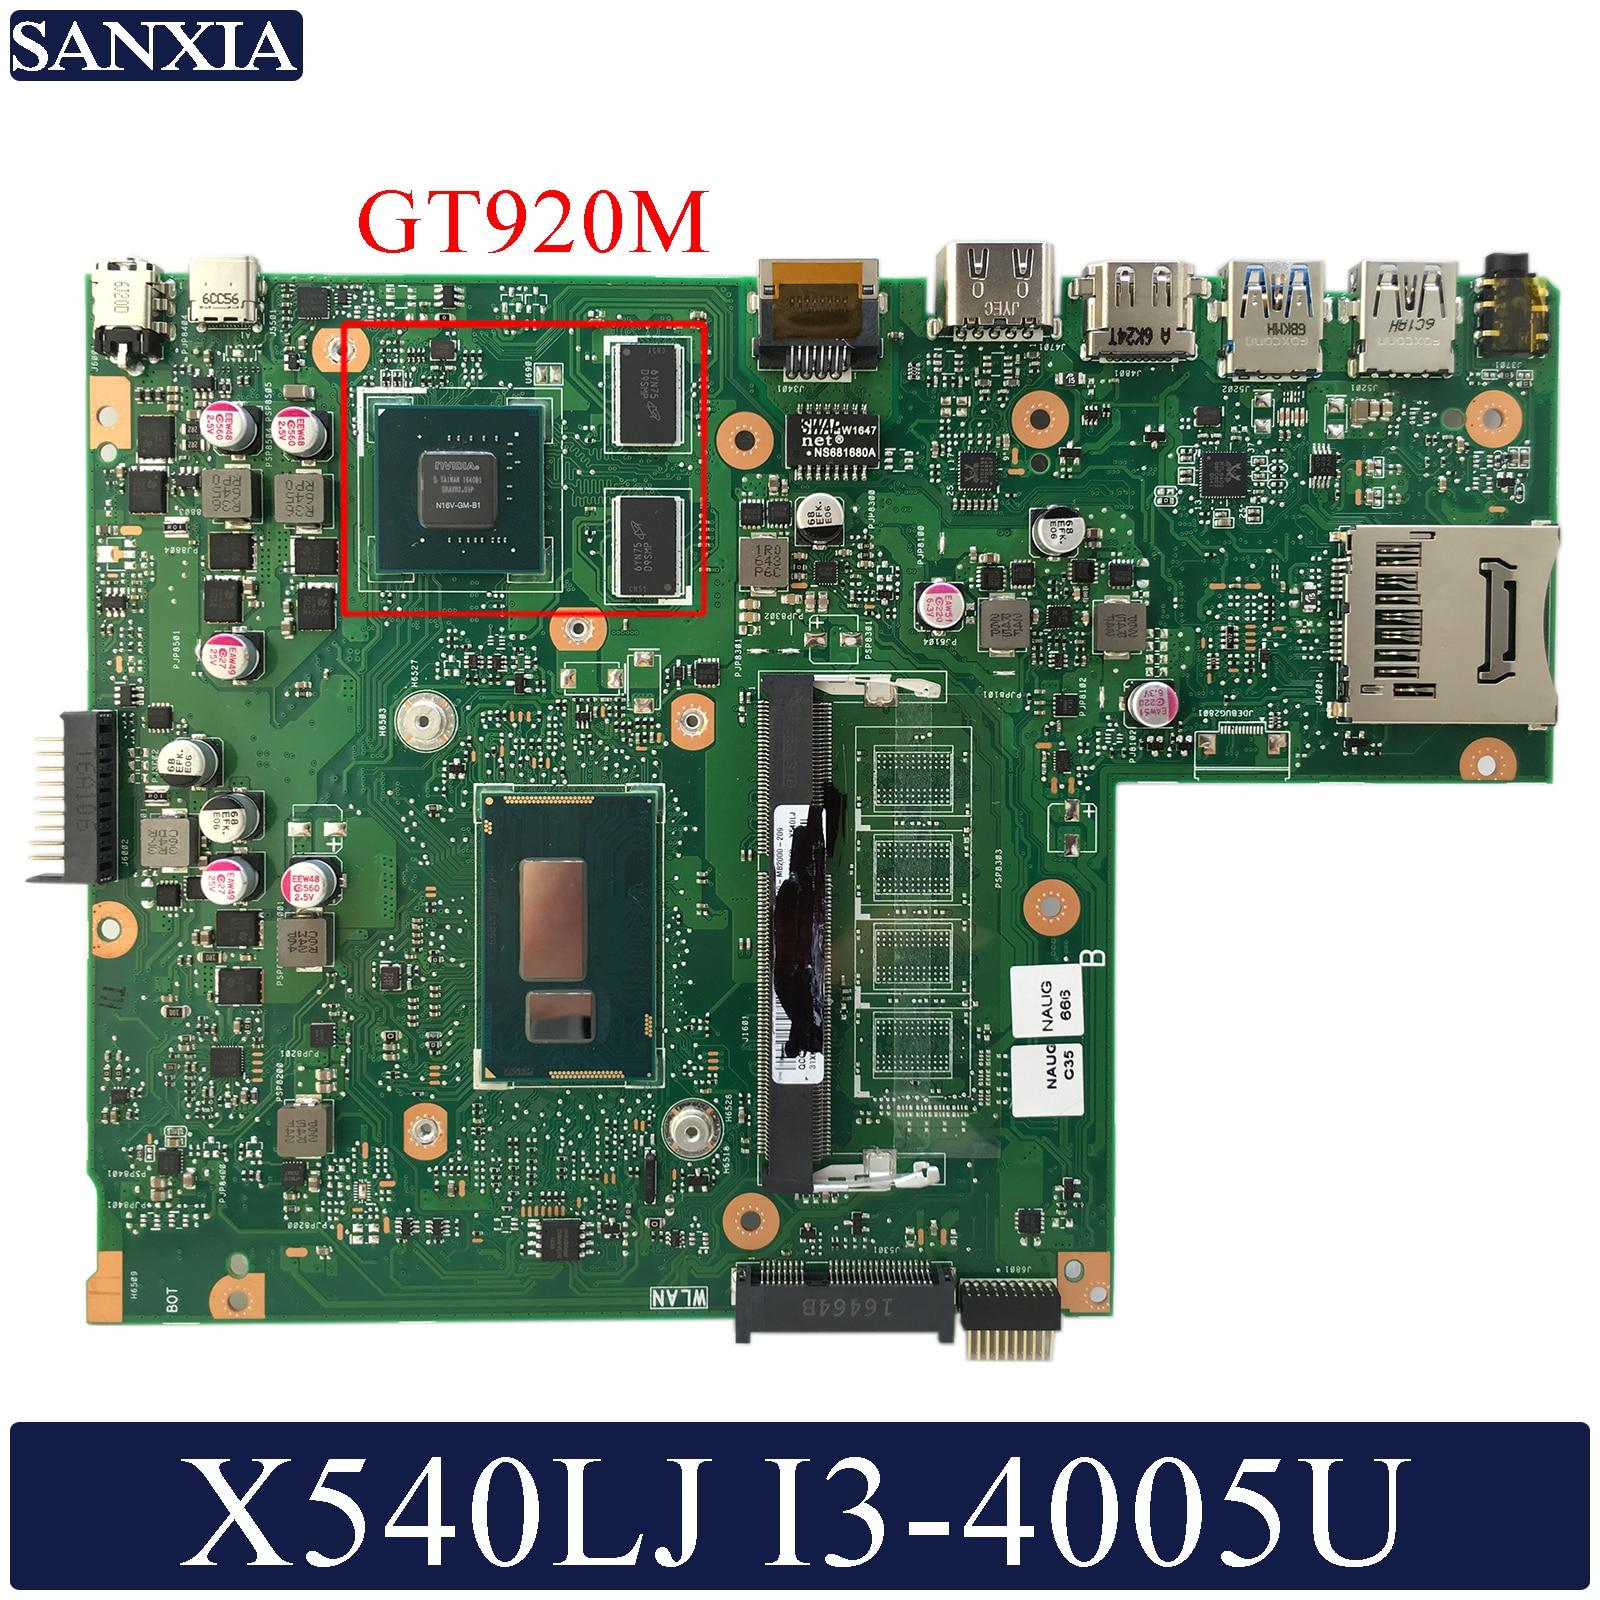 KEFU X540LJ Laptop motherboard for ASUS VivoBook X540LJ X540LA F540L A540L original mainboard I3 4005U GT920M